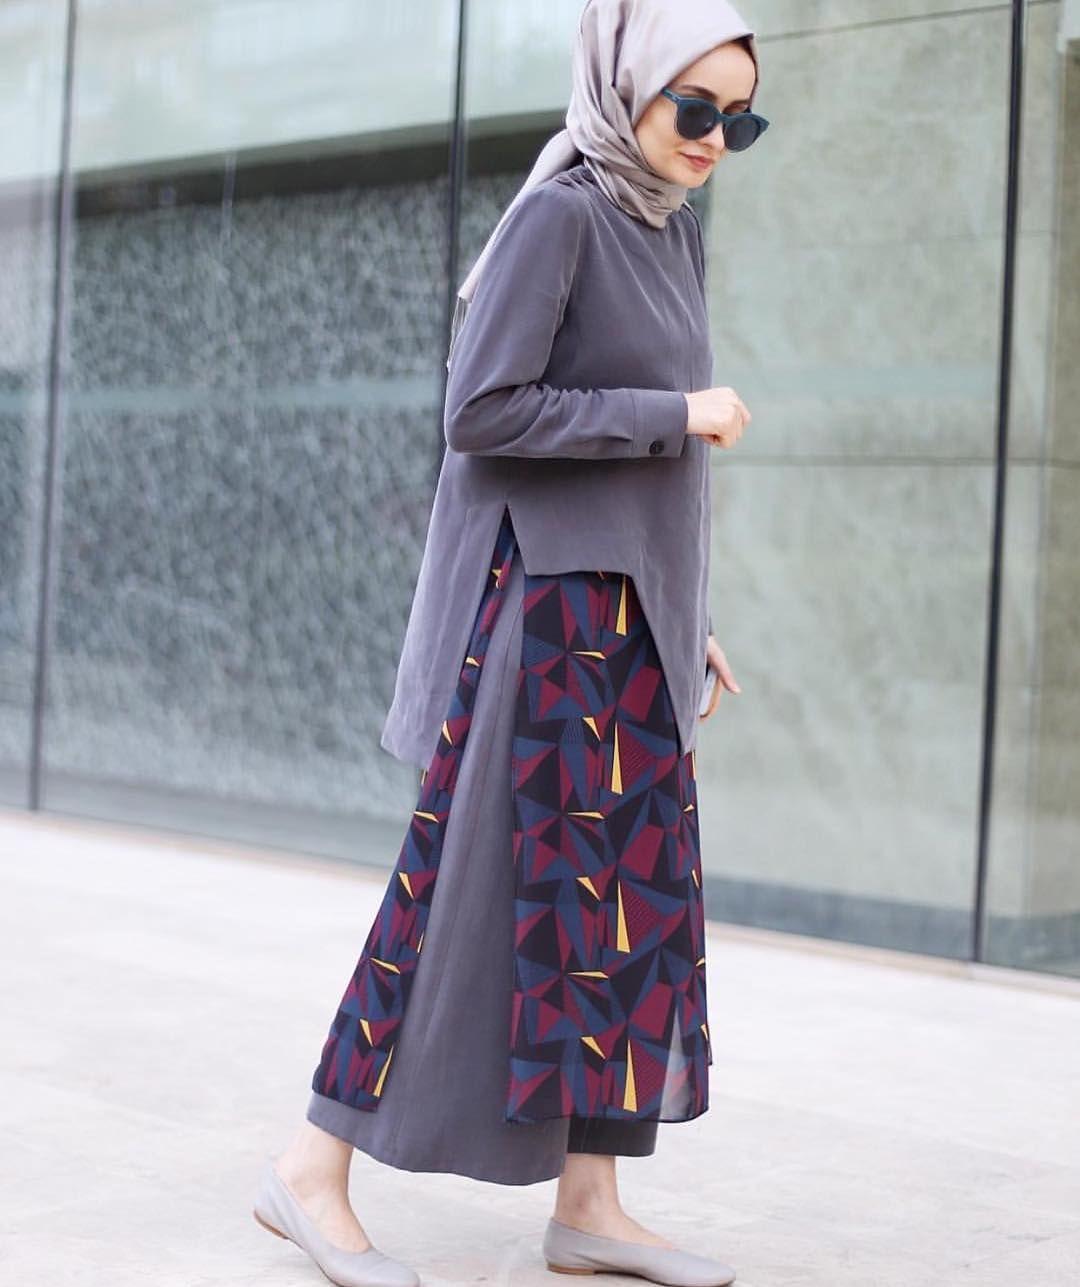 Pin On Stylish Hijab